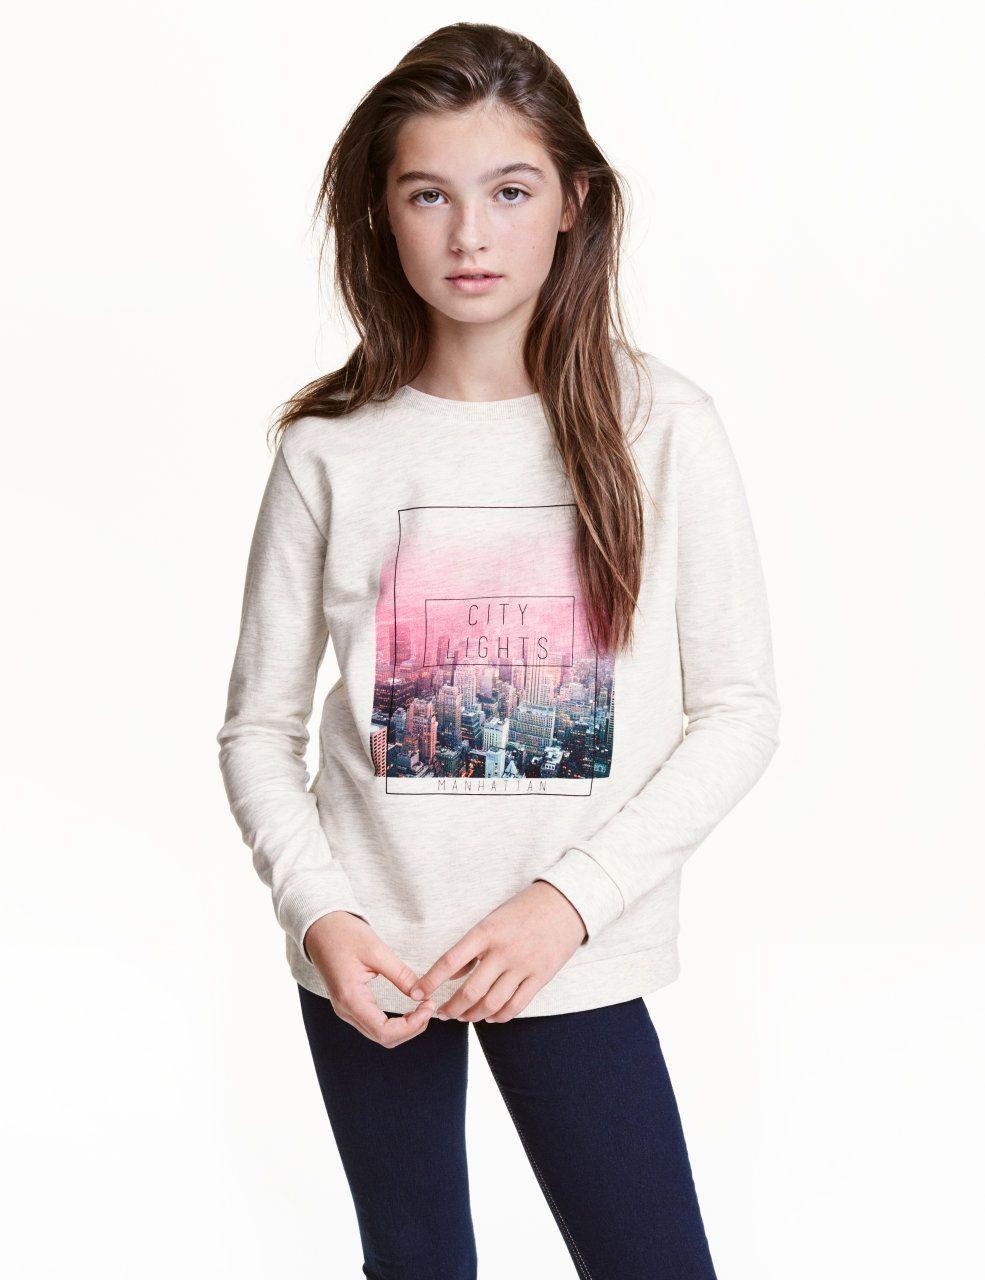 Kolla in det här! En långärmad tröja i sweatshirtkvalitet med tryck fram. Tröjan har mudd kring halsringningen, vid ärmslut samt i nederkant. - Besök hm.com för ännu fler favoriter.